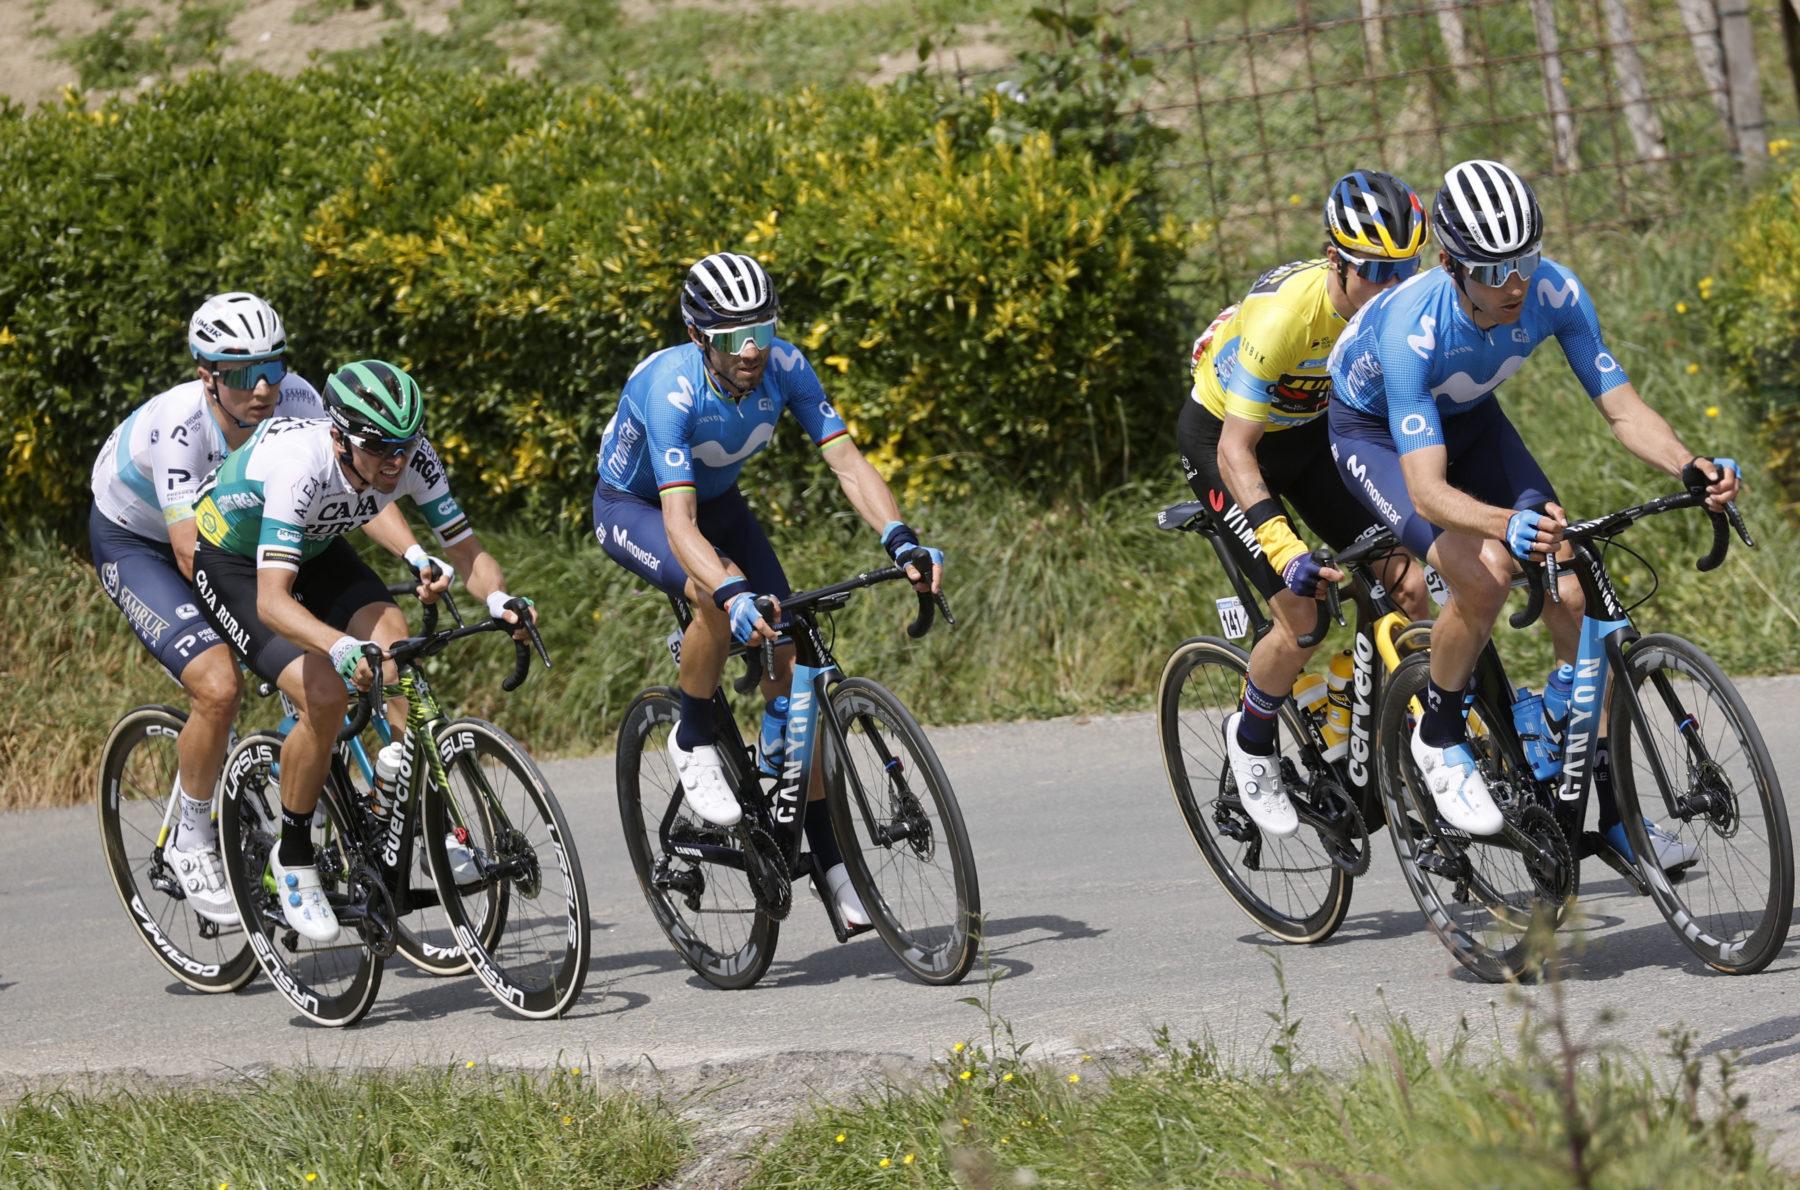 News' image'Erlaitz abre la Itzulia; Valverde es ahora 8º'